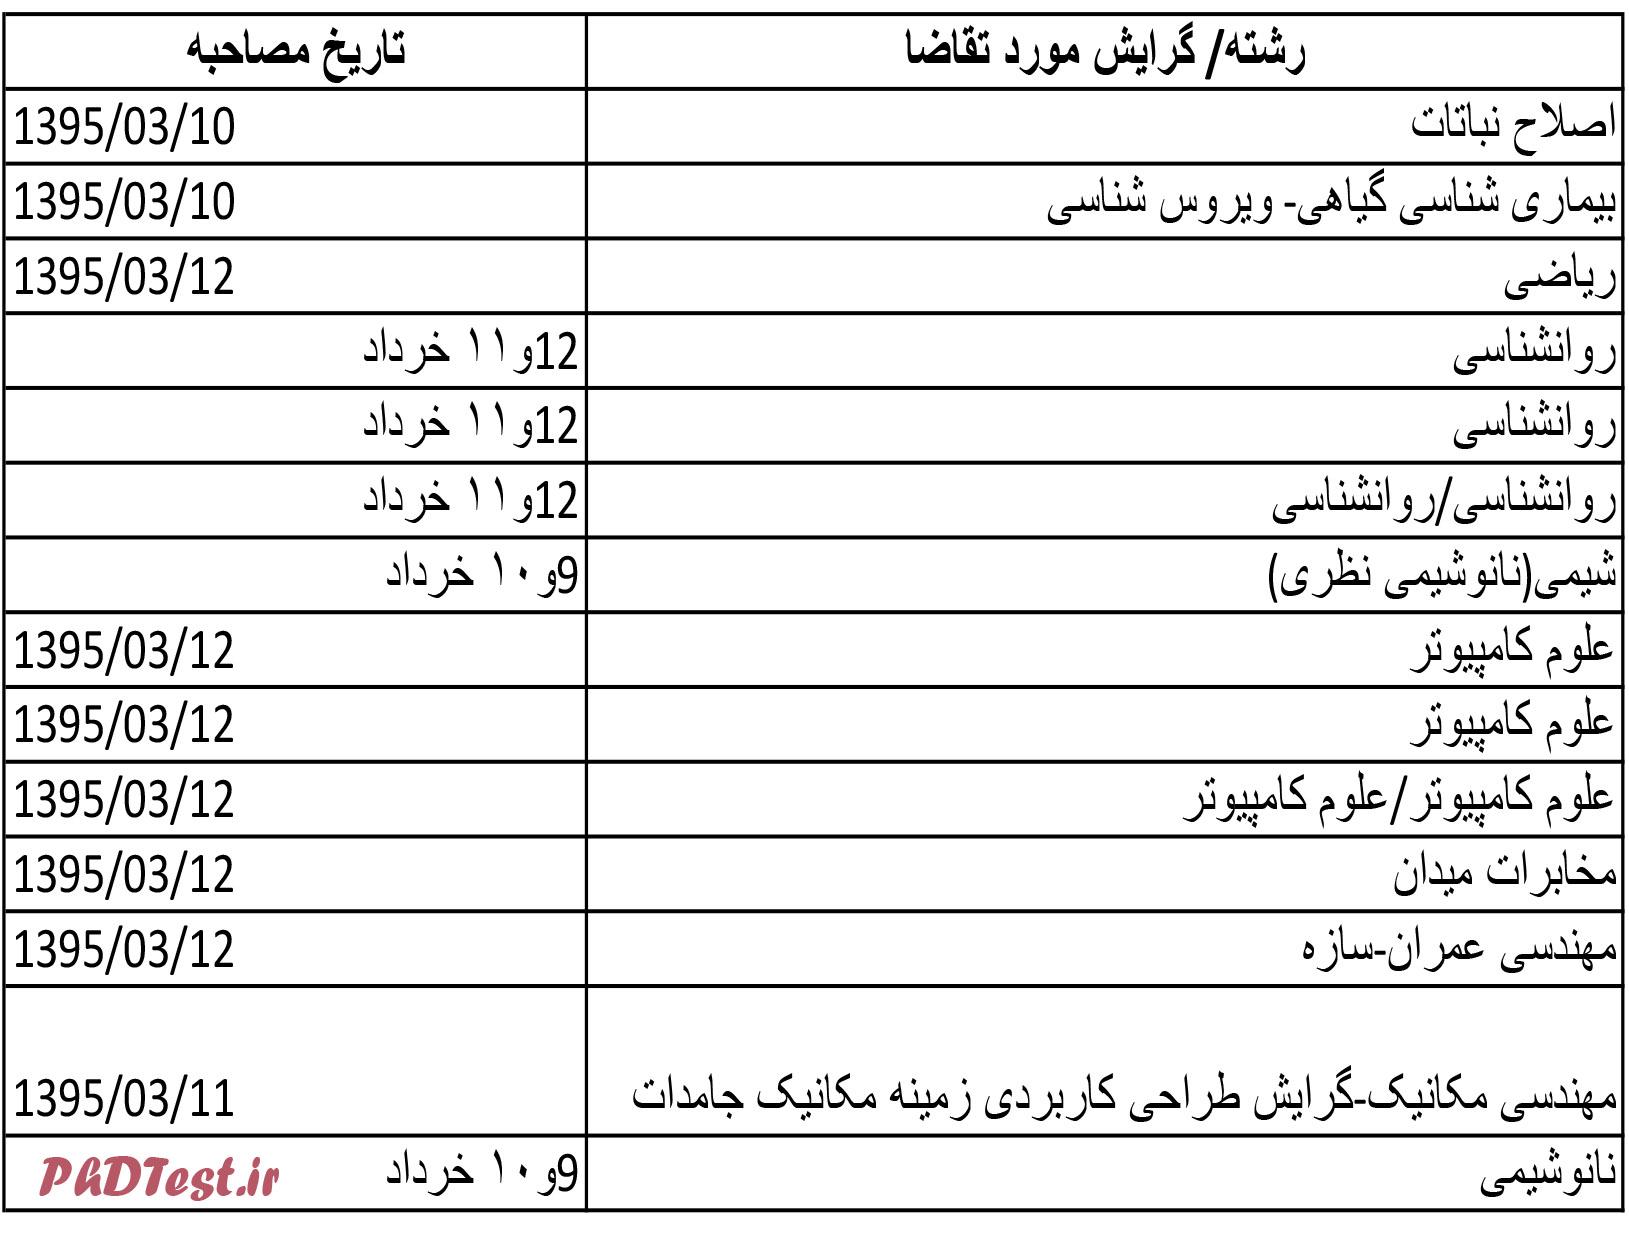 doctora-result.xls